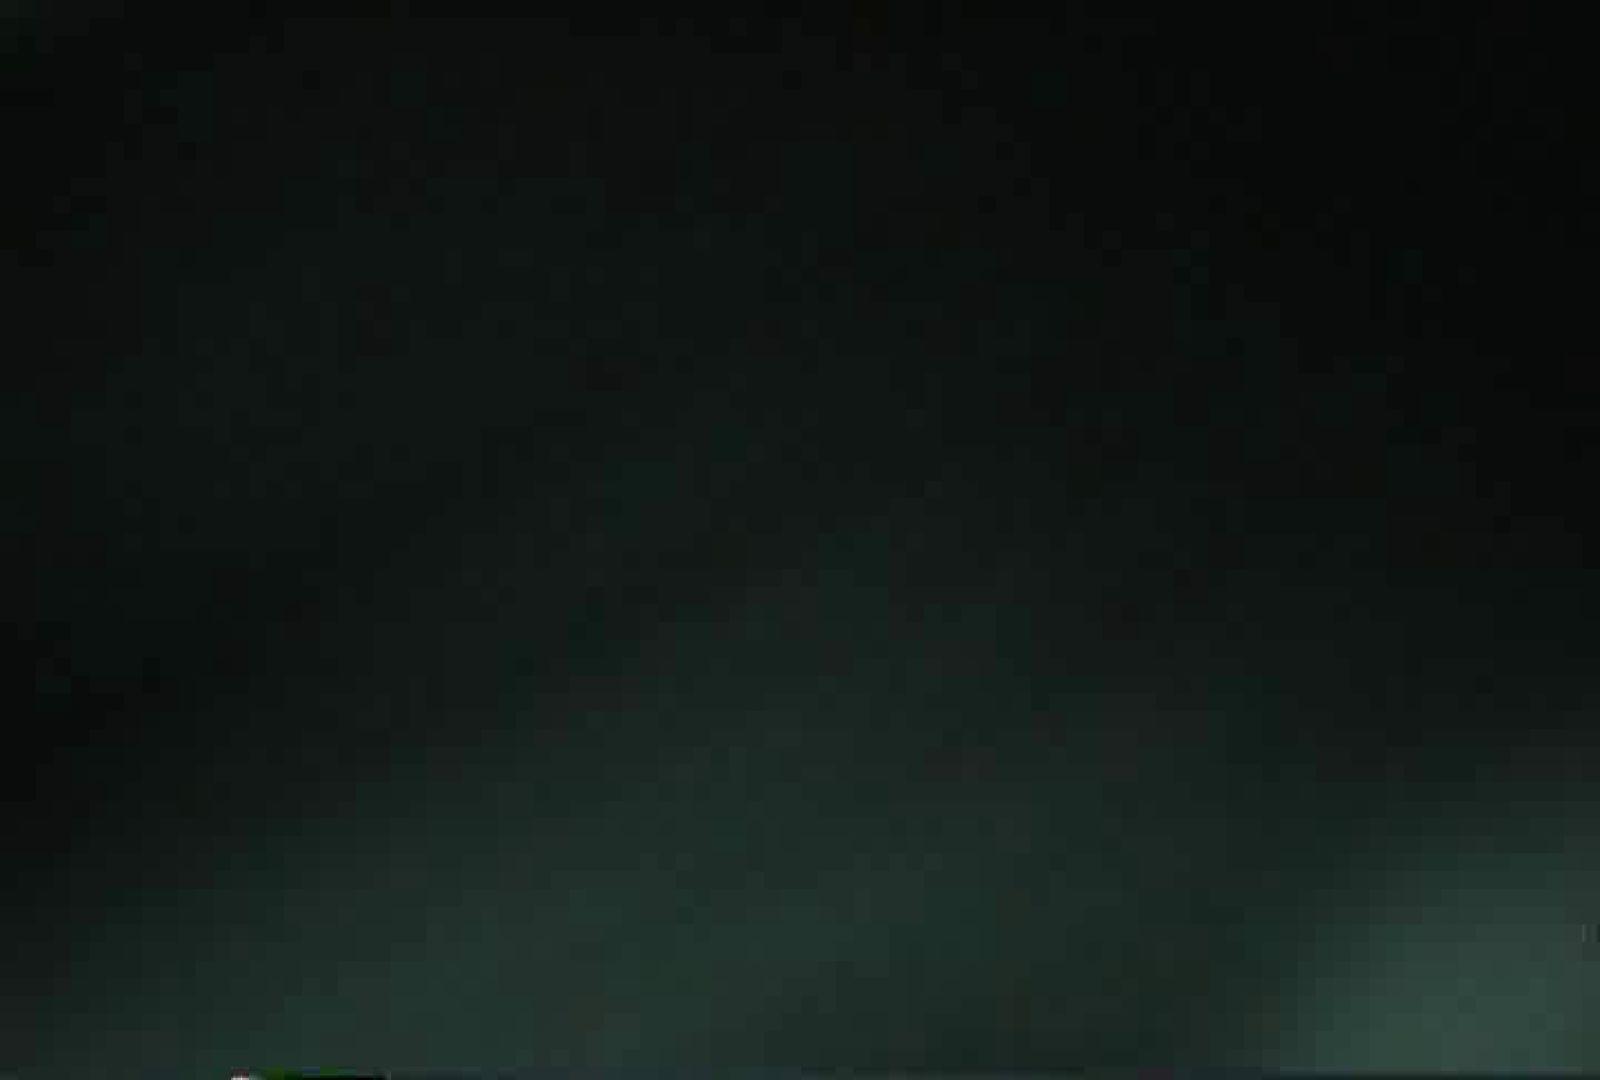 充血監督の深夜の運動会Vol.57 現役ギャル  101pic 32